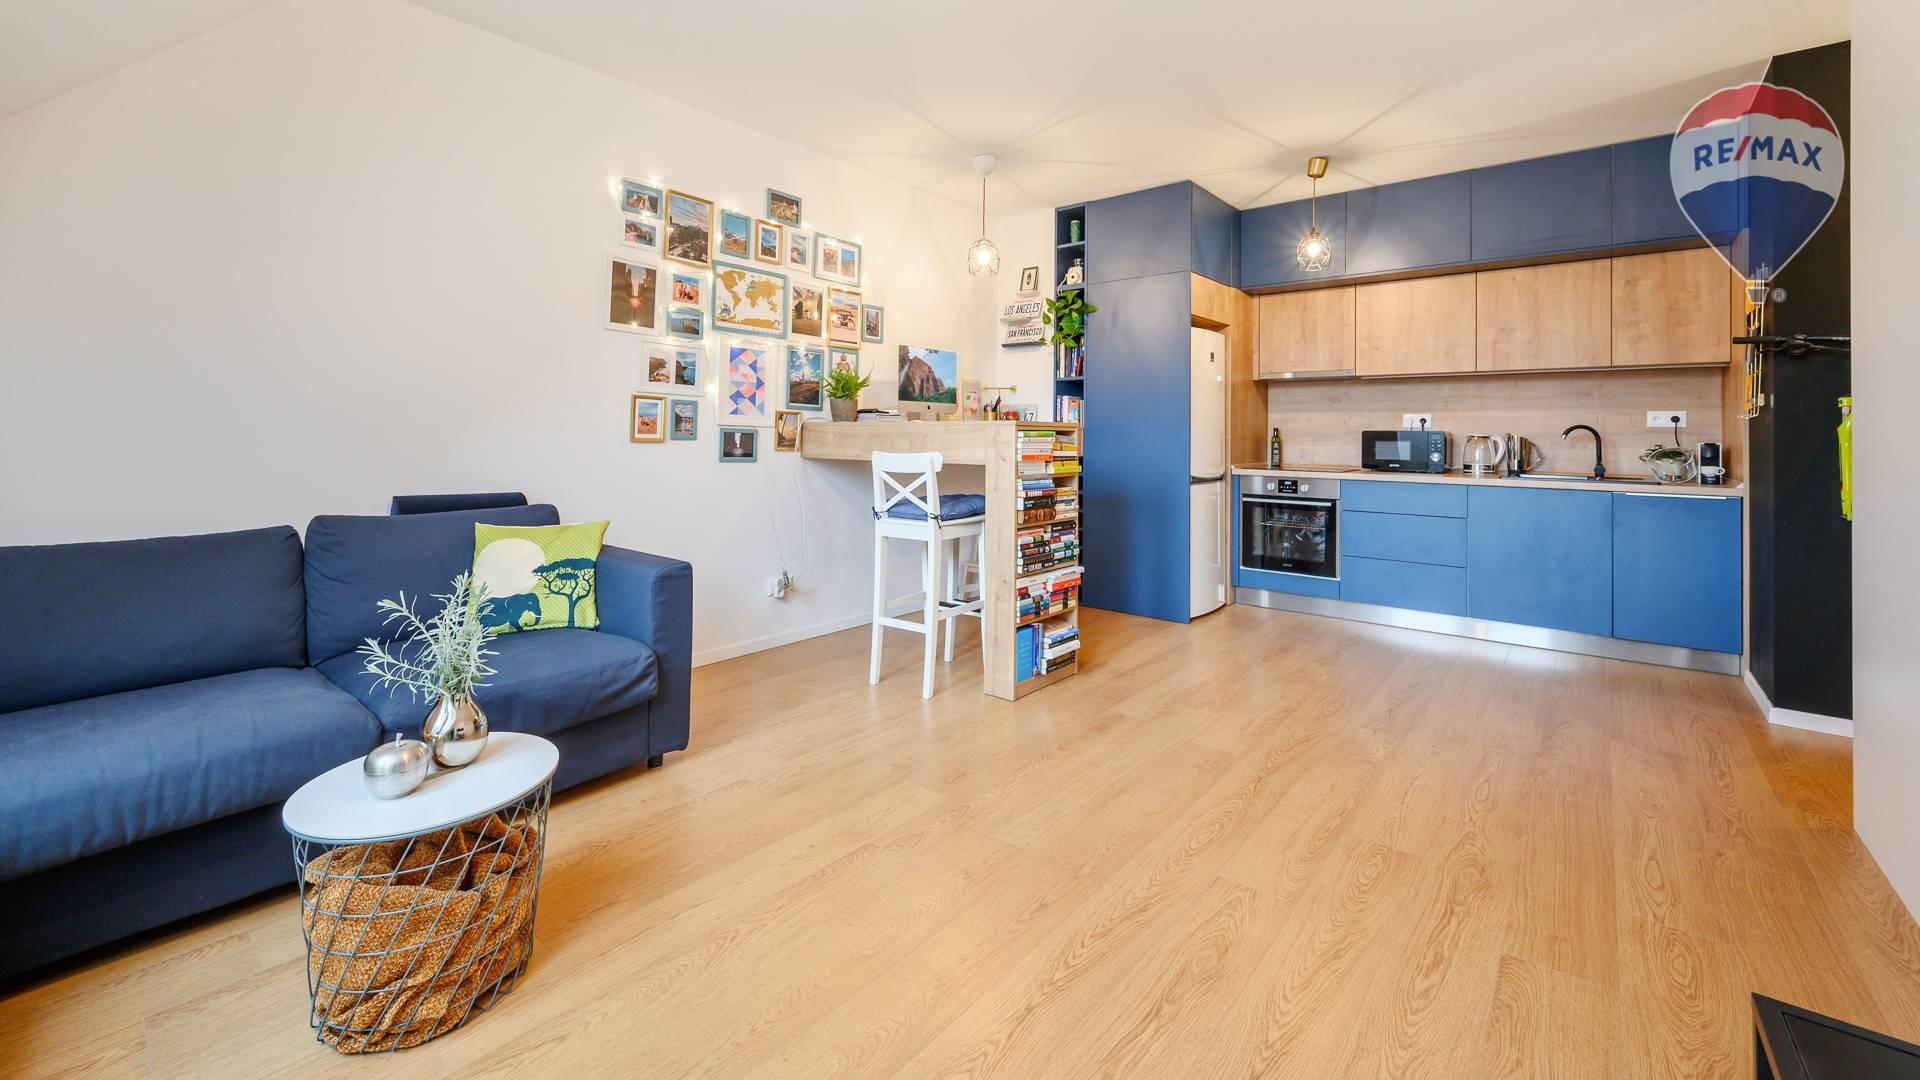 NA PRENÁJOM: kompletne zariadený 2 izbový byt v novostavbe